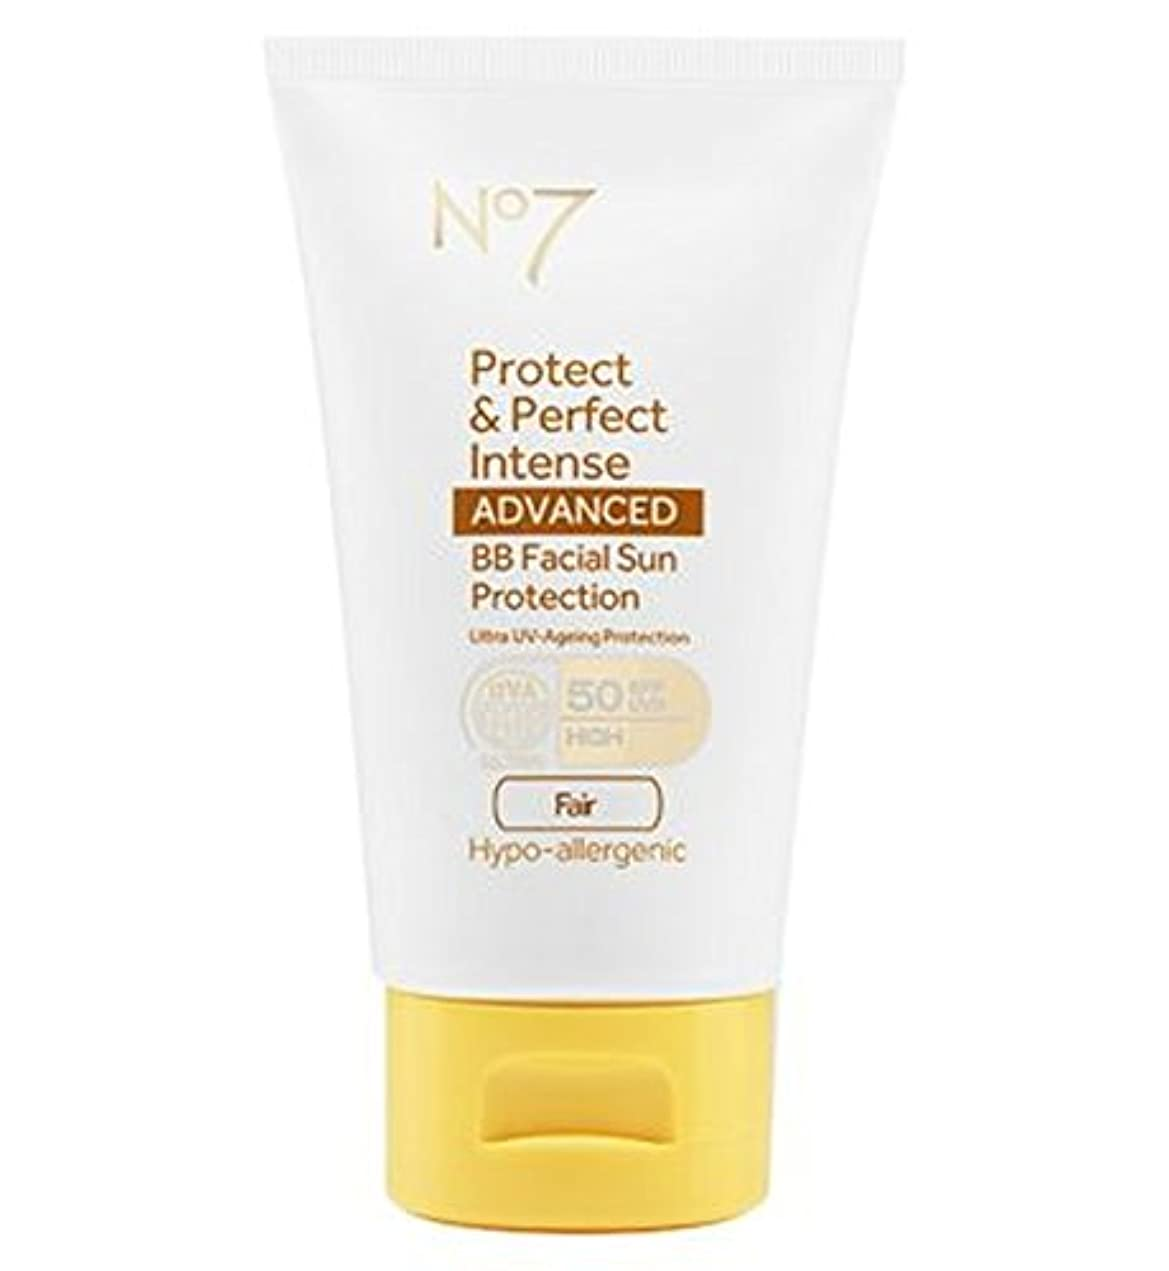 下手シビックマリンNo7保護&完璧な強烈な先進Bb顔の日焼け防止Spf50フェア50ミリリットル (No7) (x2) - No7 Protect & Perfect Intense ADVANCED BB Facial Sun Protection...